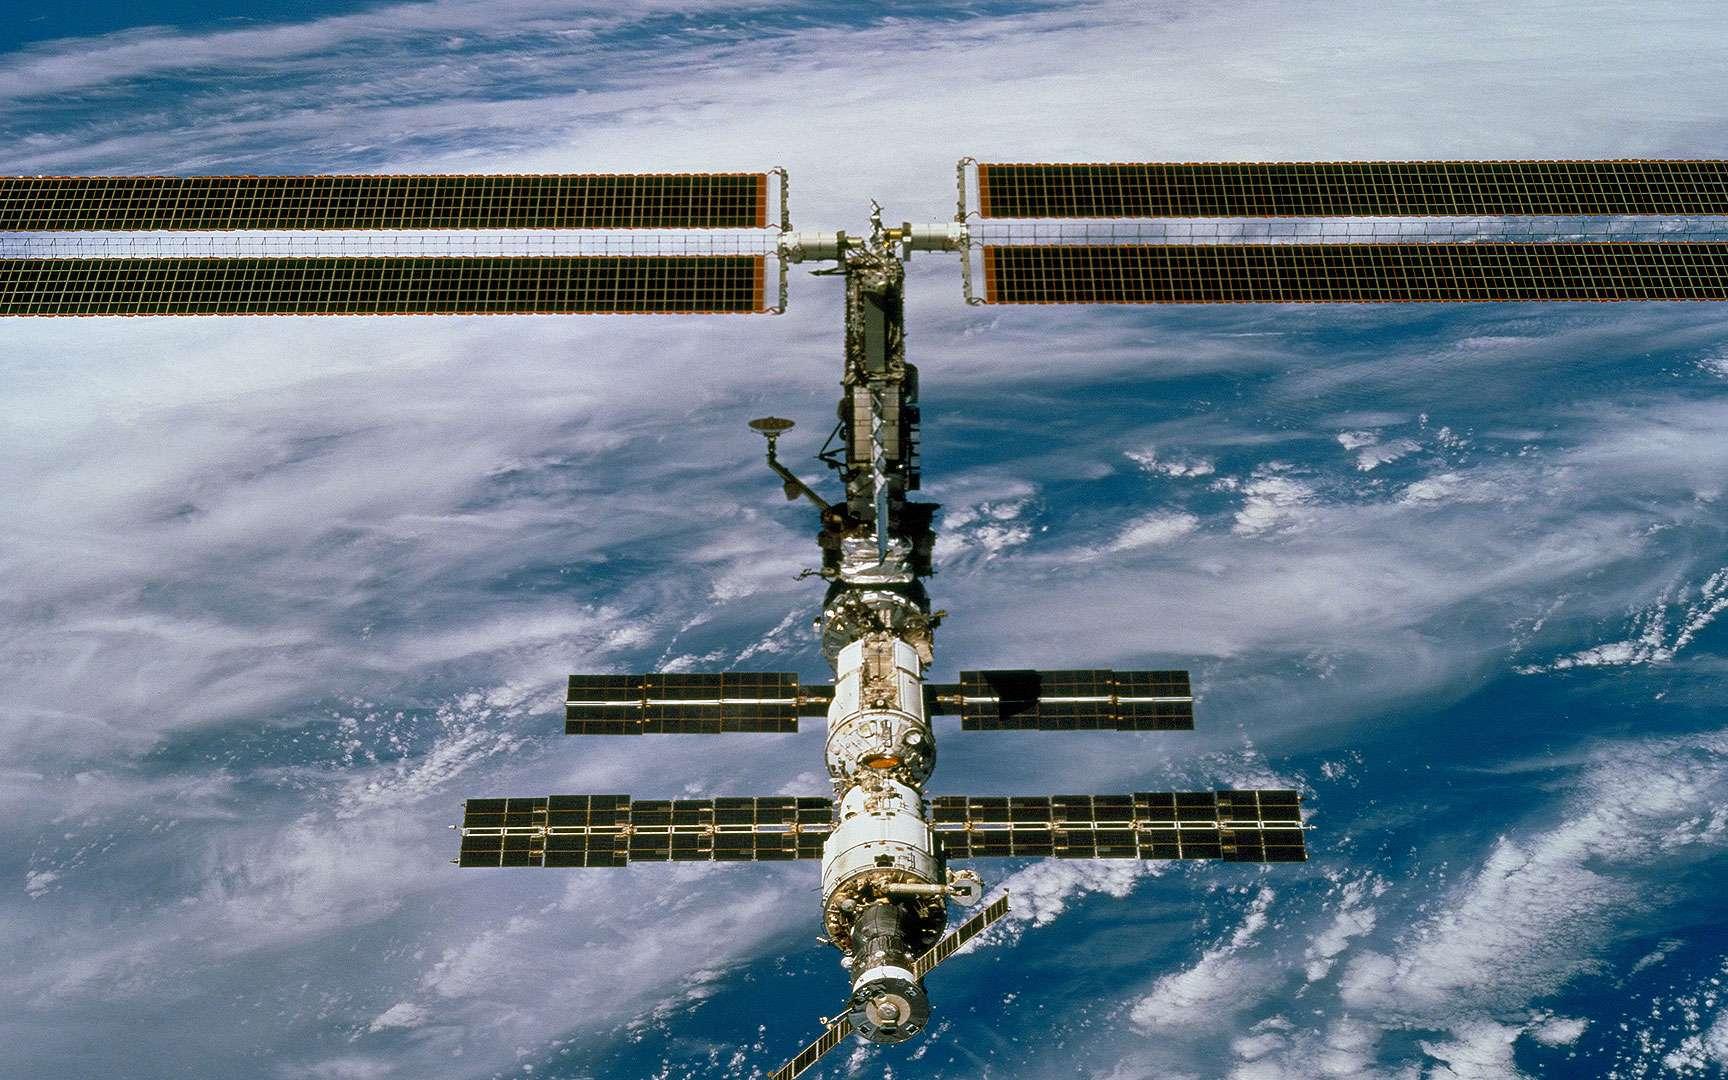 Décembre 2000 : la poutre P6 qui supporte les 2 grands panneaux solaires. La station en décembre 2000 avec la section de poutre P6 et son jeu de panneaux solaires. Crédit Nasa